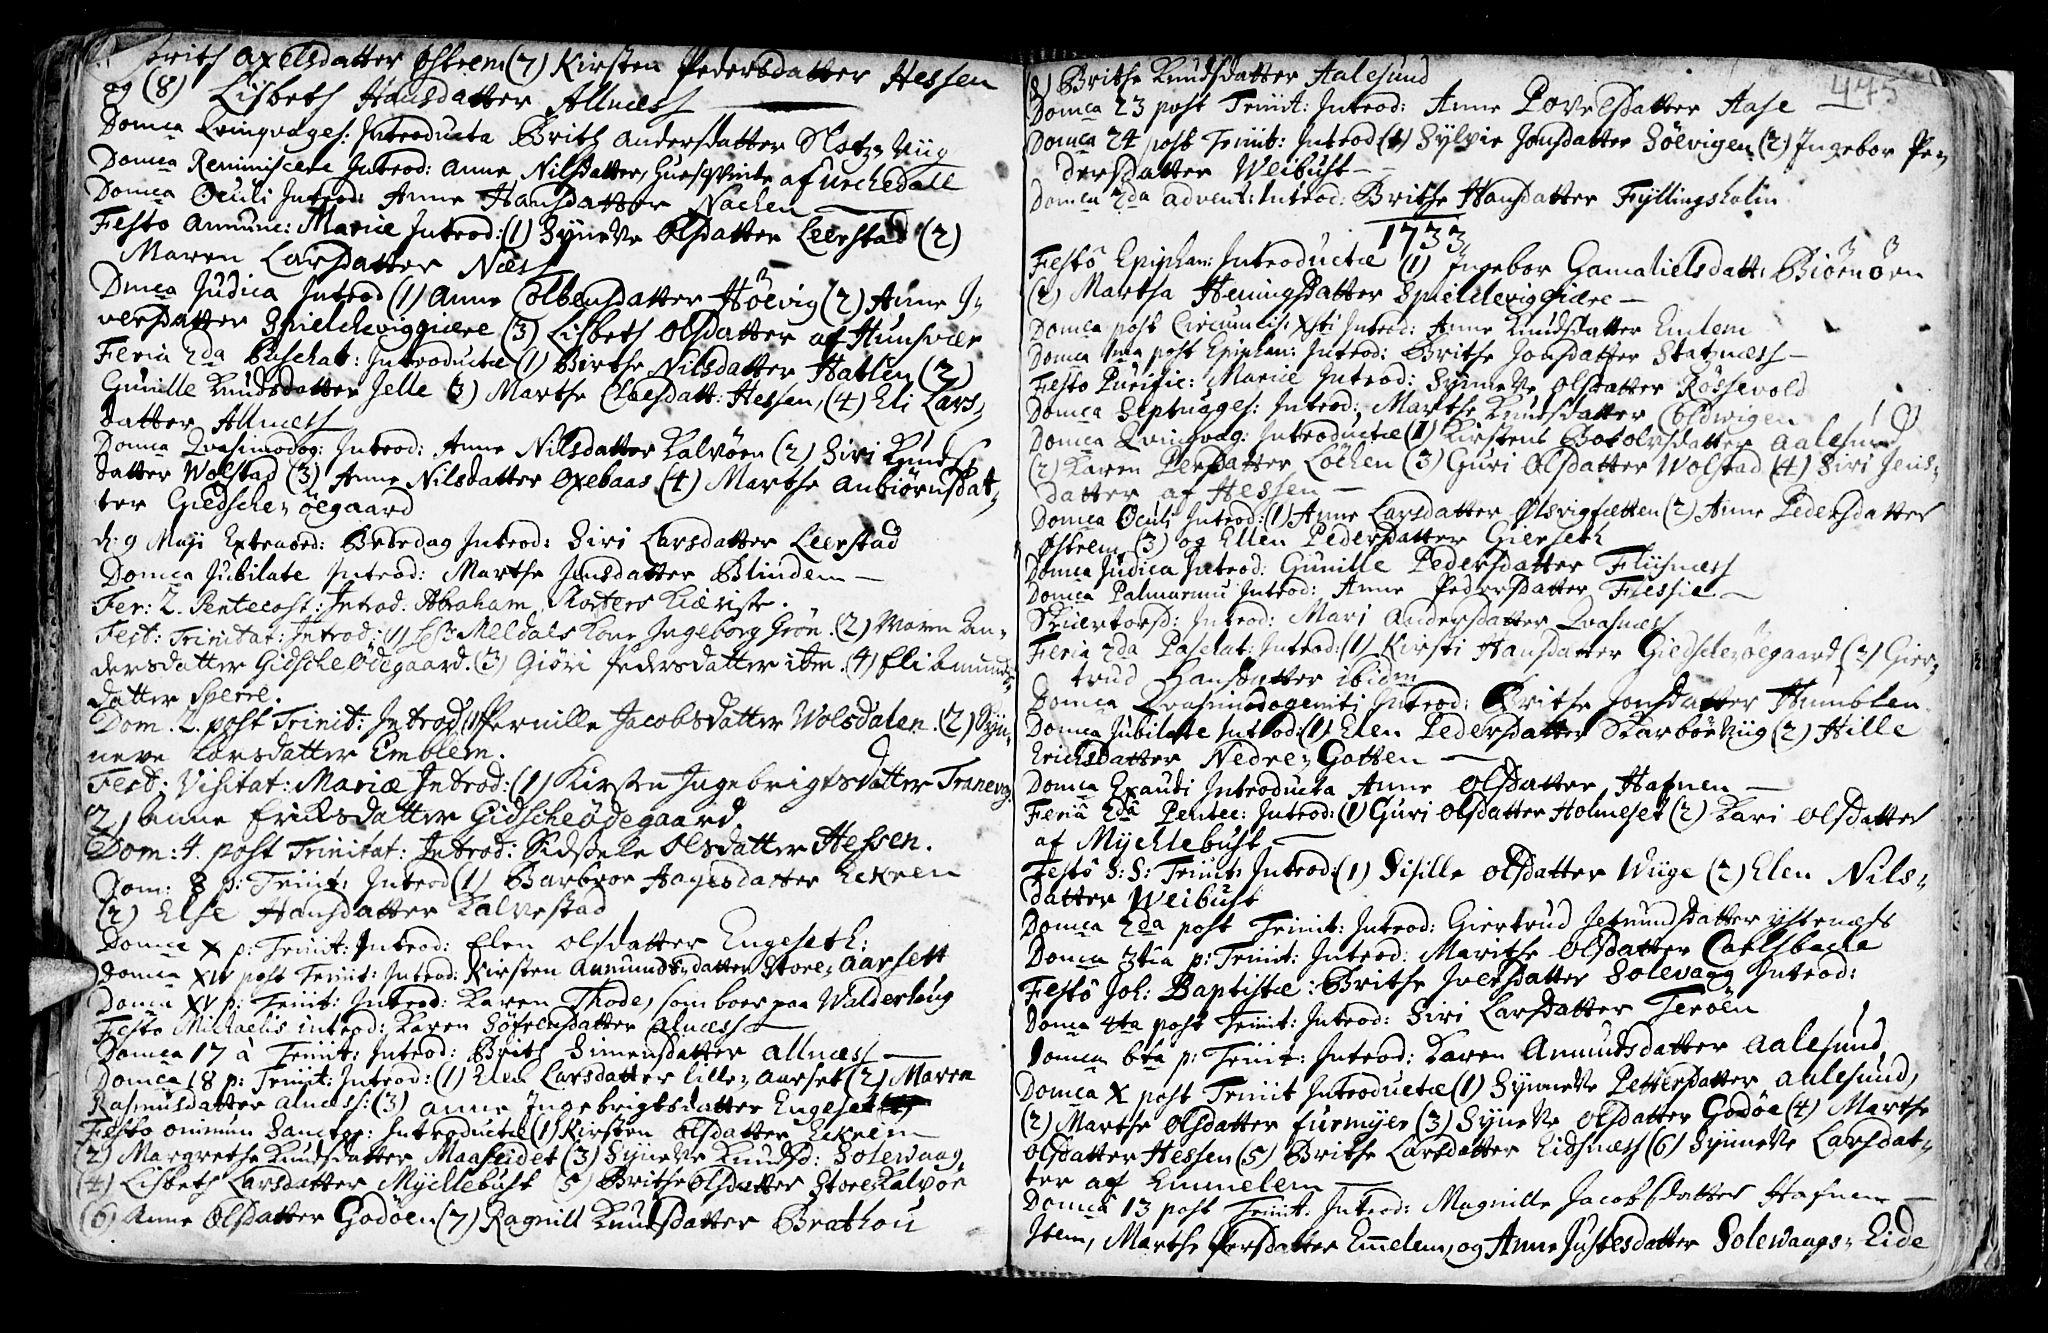 SAT, Ministerialprotokoller, klokkerbøker og fødselsregistre - Møre og Romsdal, 528/L0390: Ministerialbok nr. 528A01, 1698-1739, s. 474-475